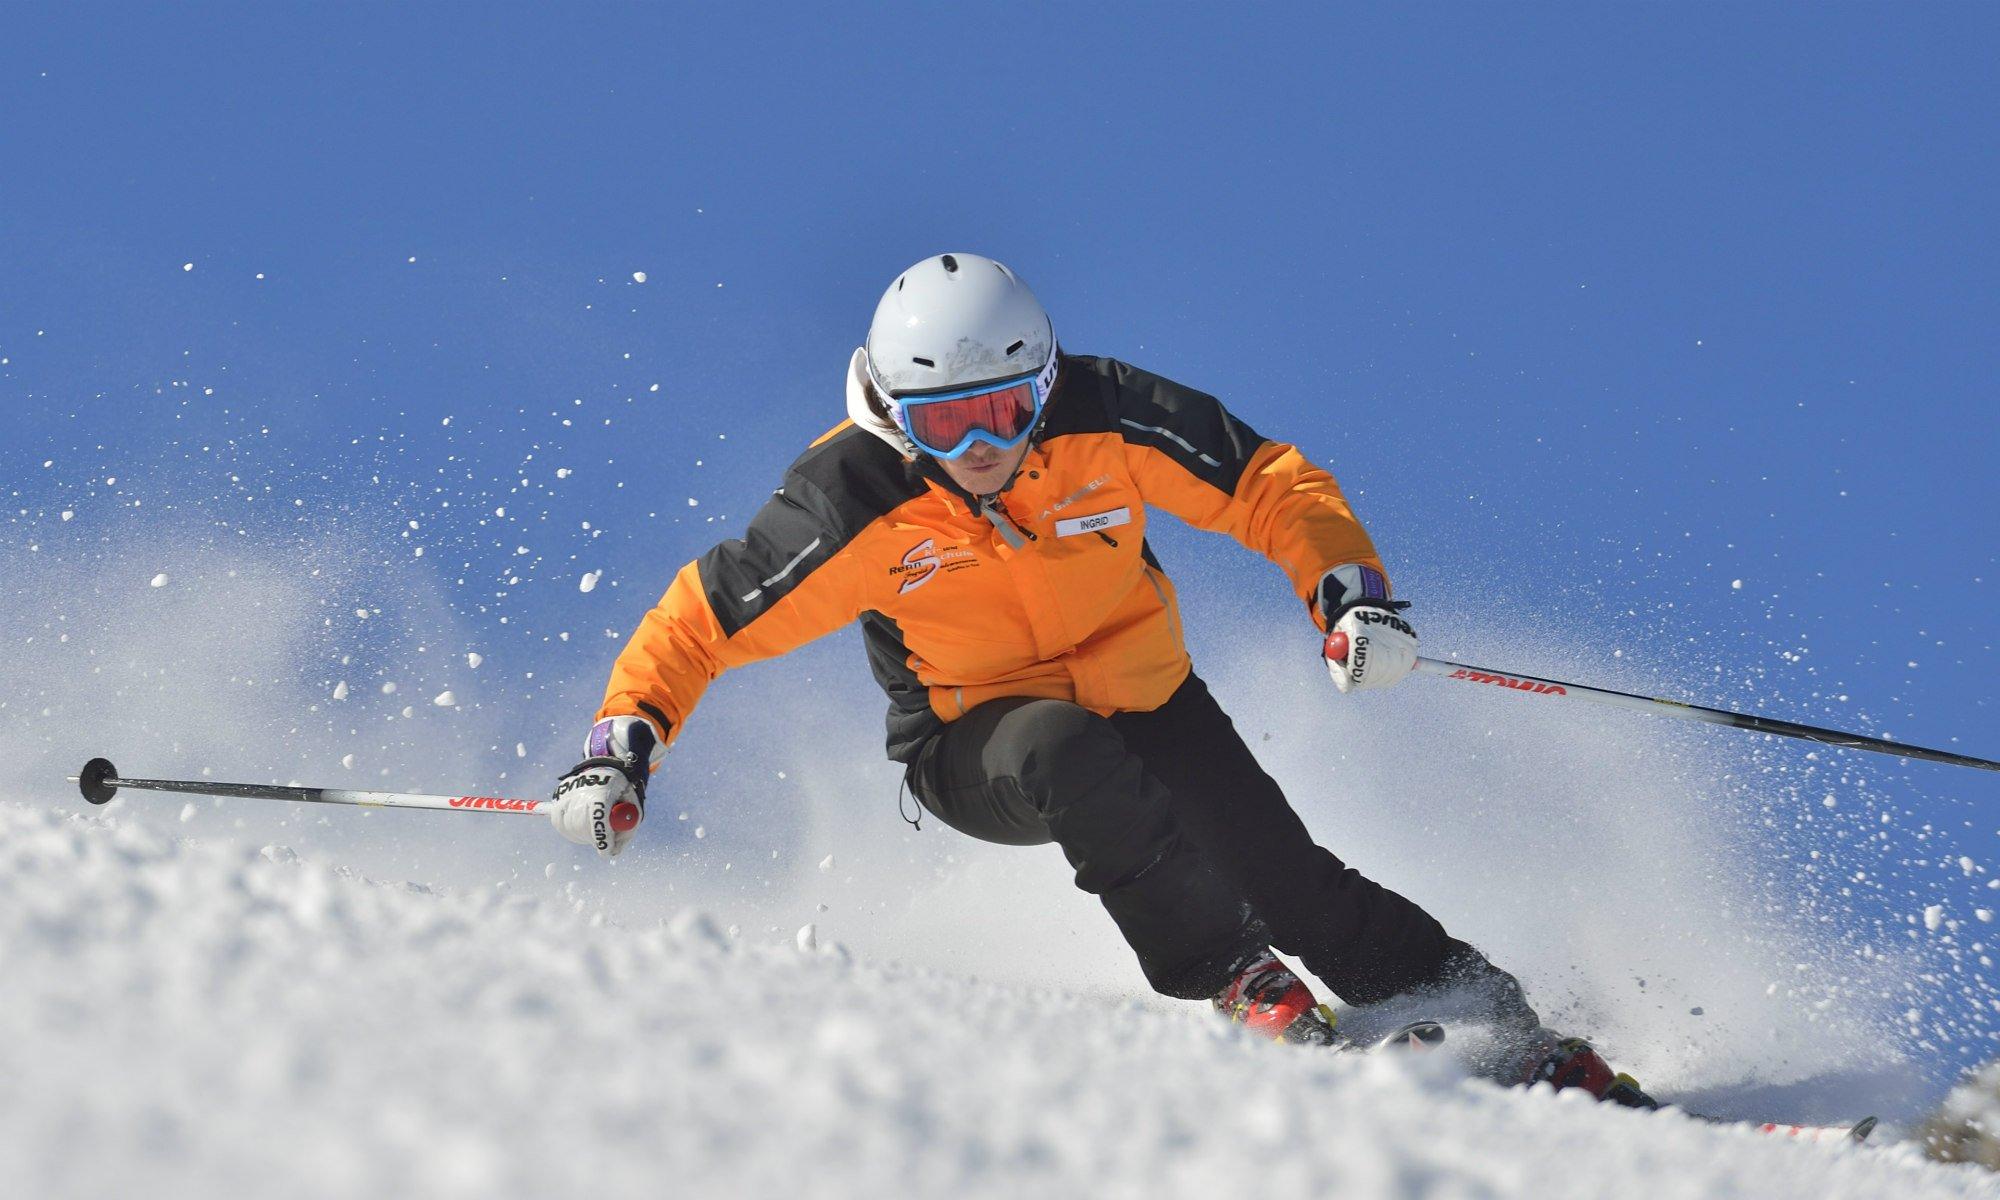 Un skieur effectue un virage carving avec la bonne position.